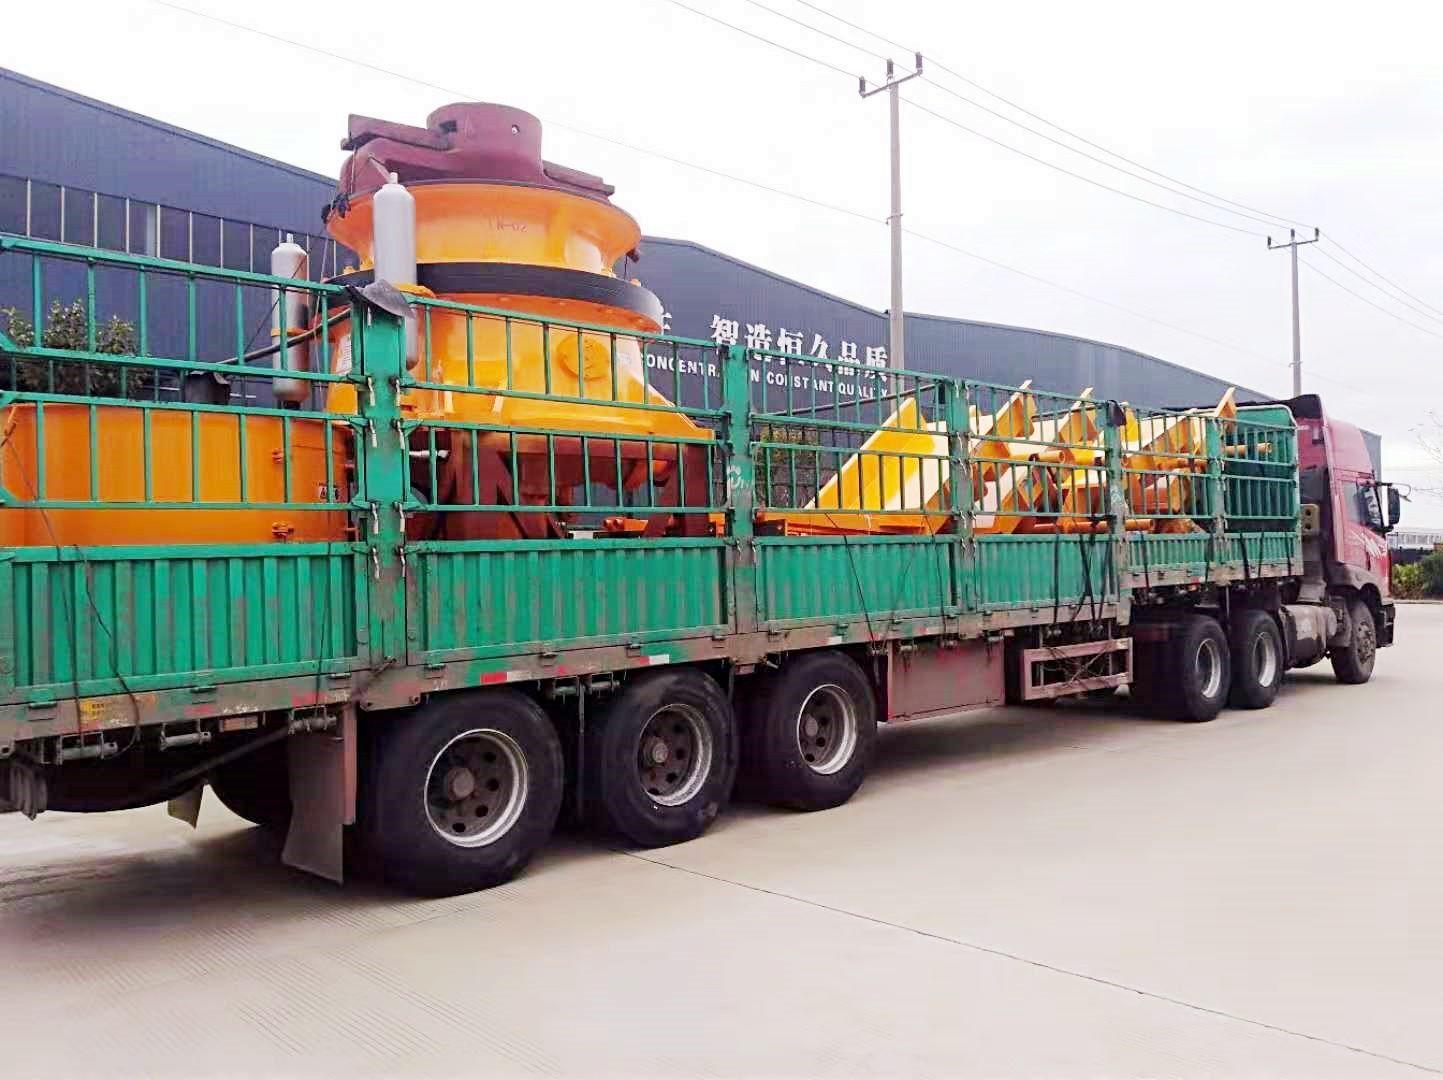 辽宁时产600吨铁矿石生产线设备发货回顾